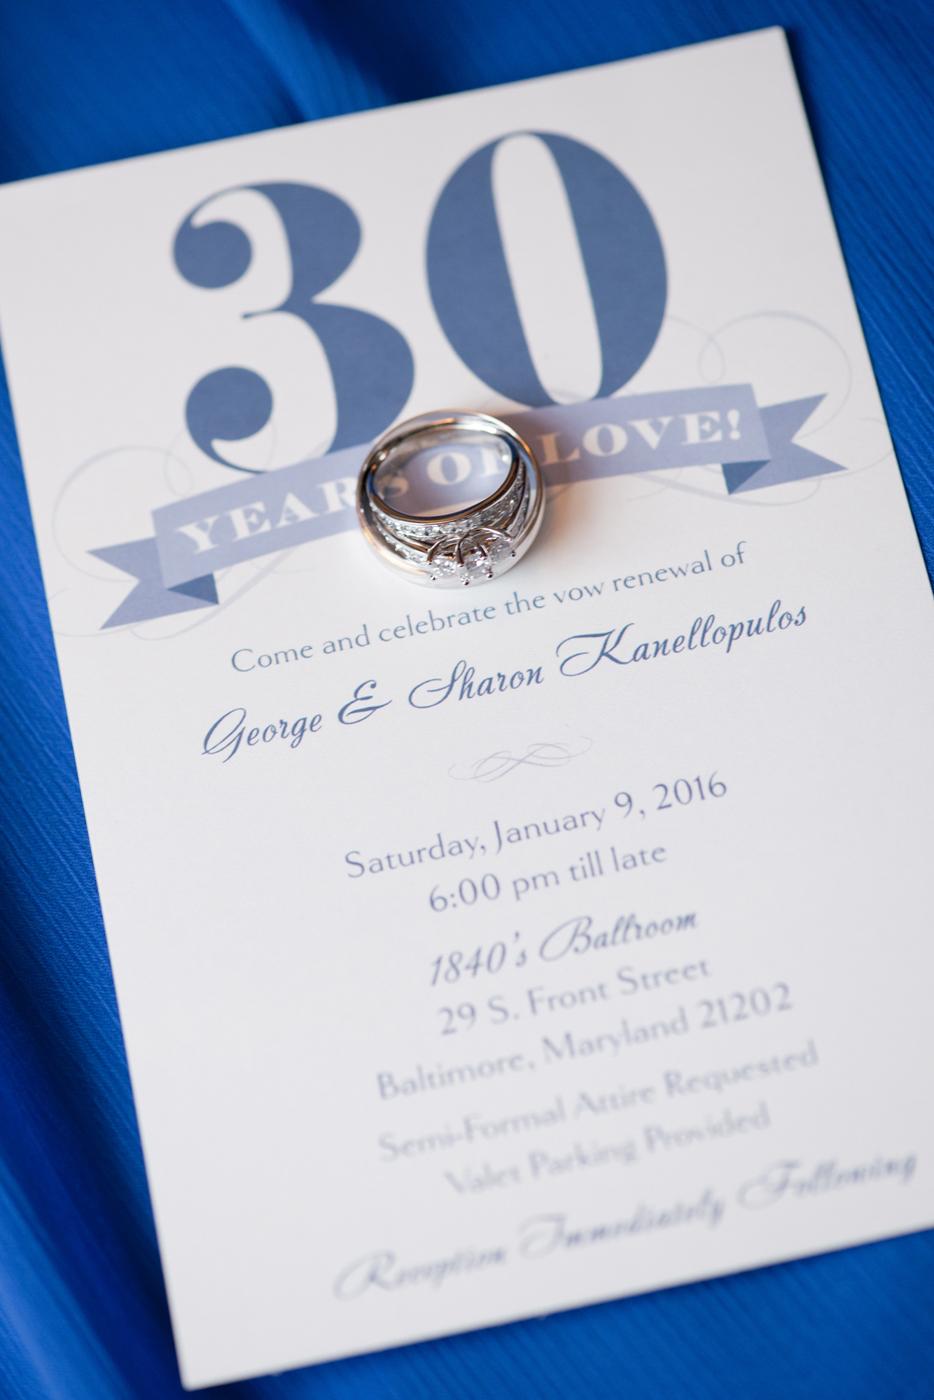 001-sgk_wedding-30th-1441